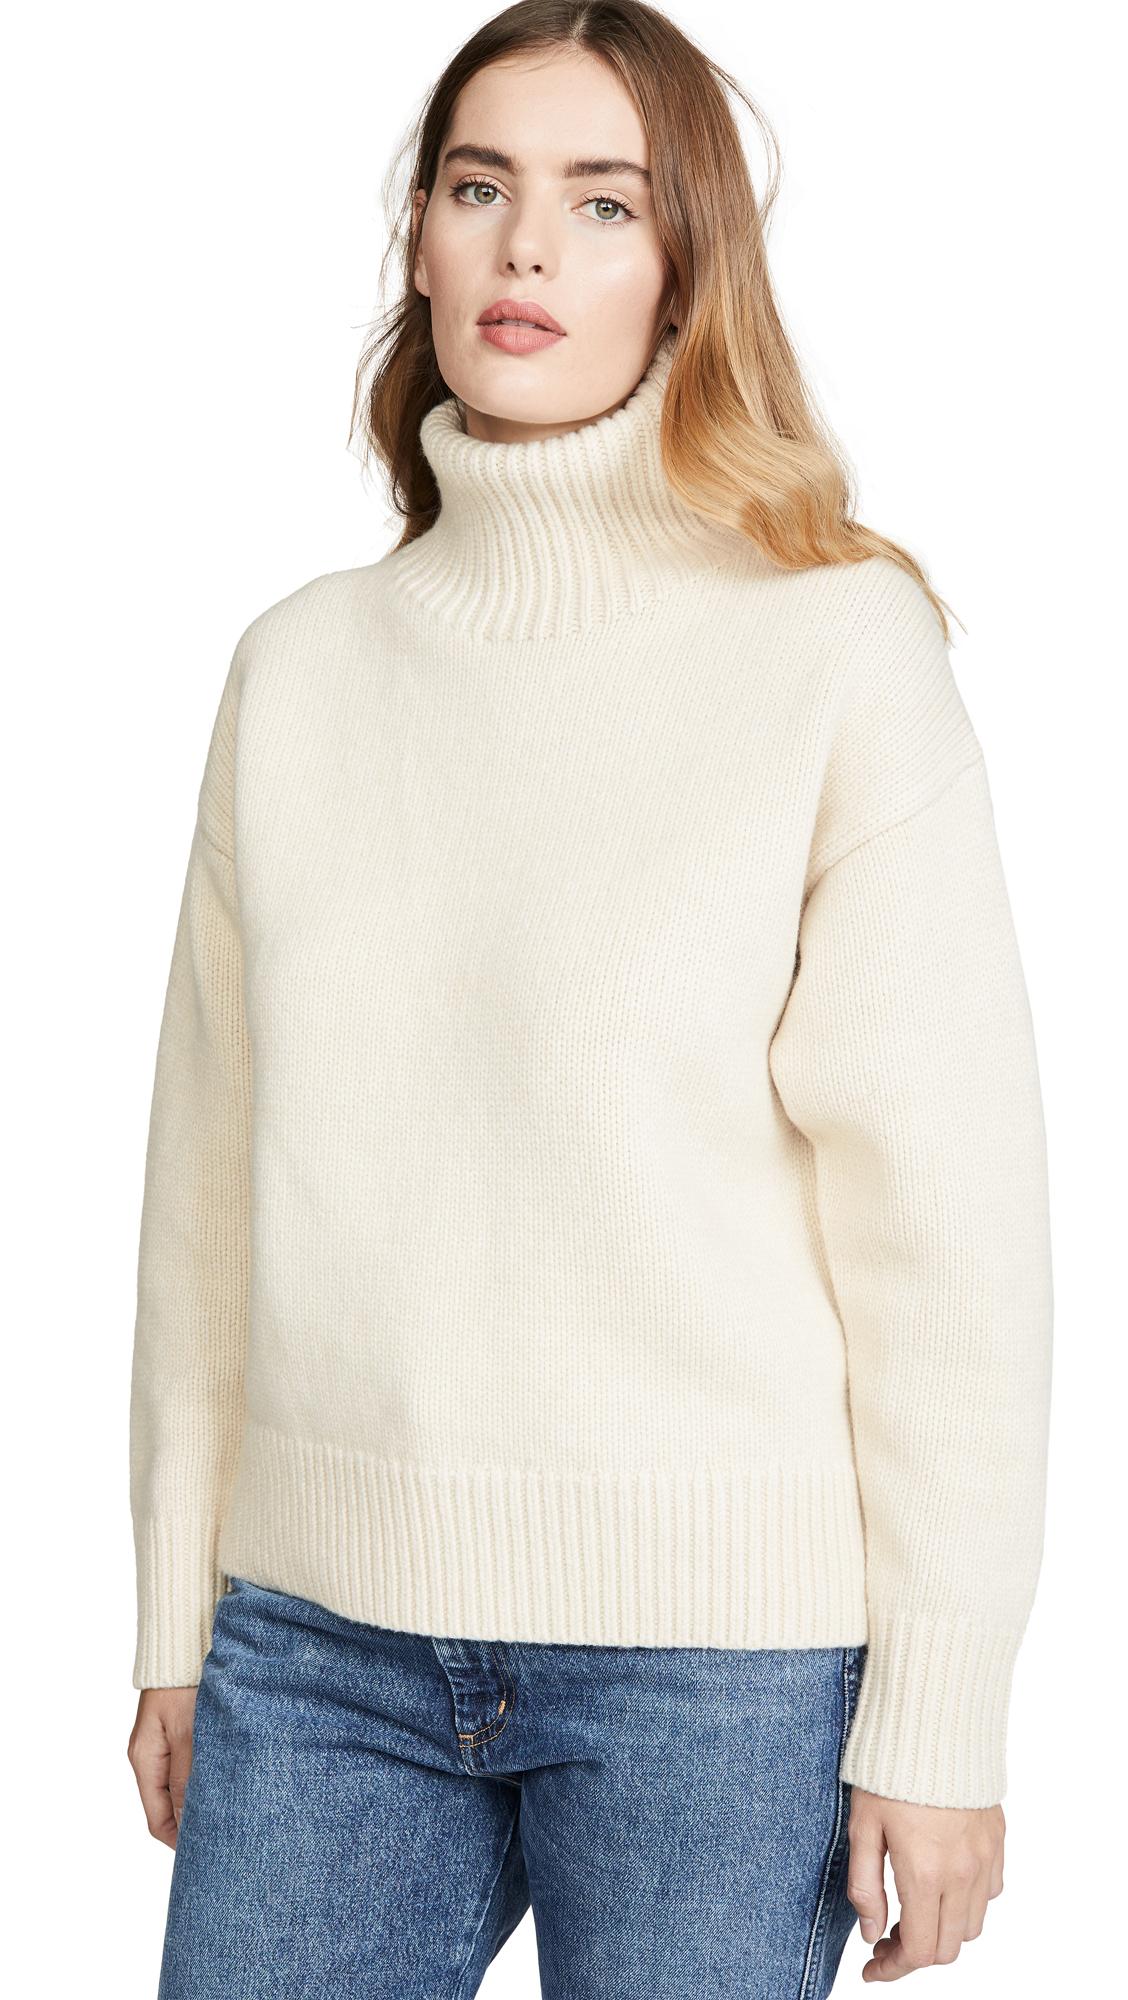 Rag & Bone Lunet Lambs Wool Turtleneck Sweater In White